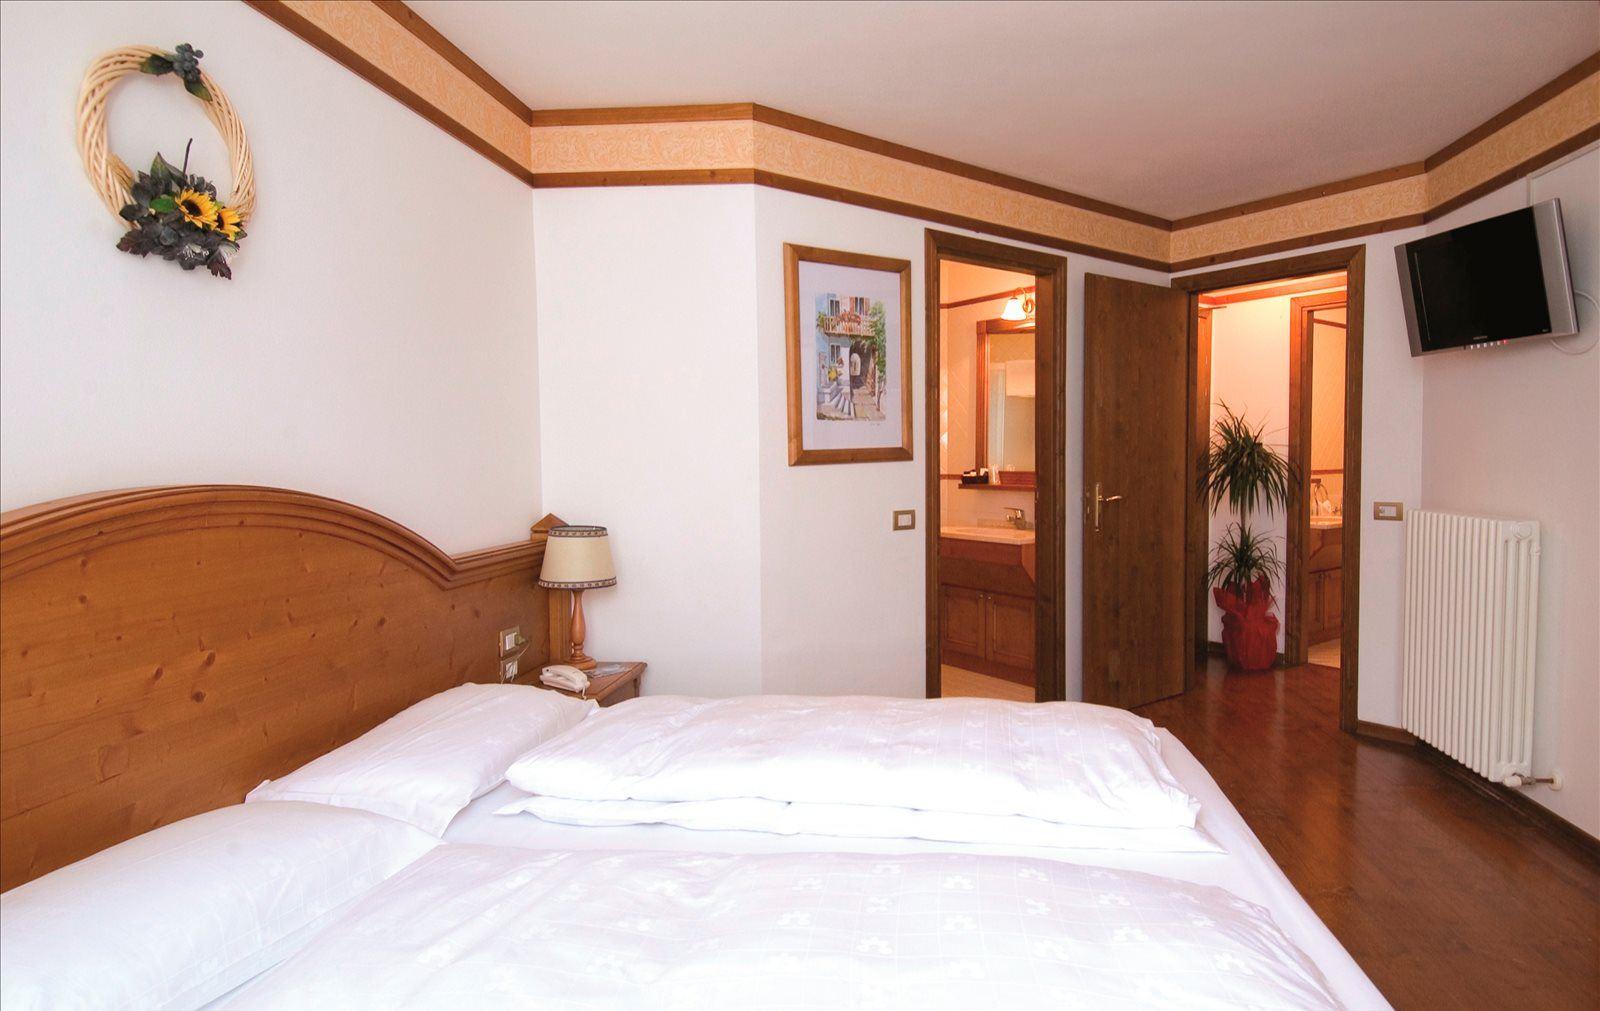 Grand Hotel Misurina - Cortina d'Ampezzo